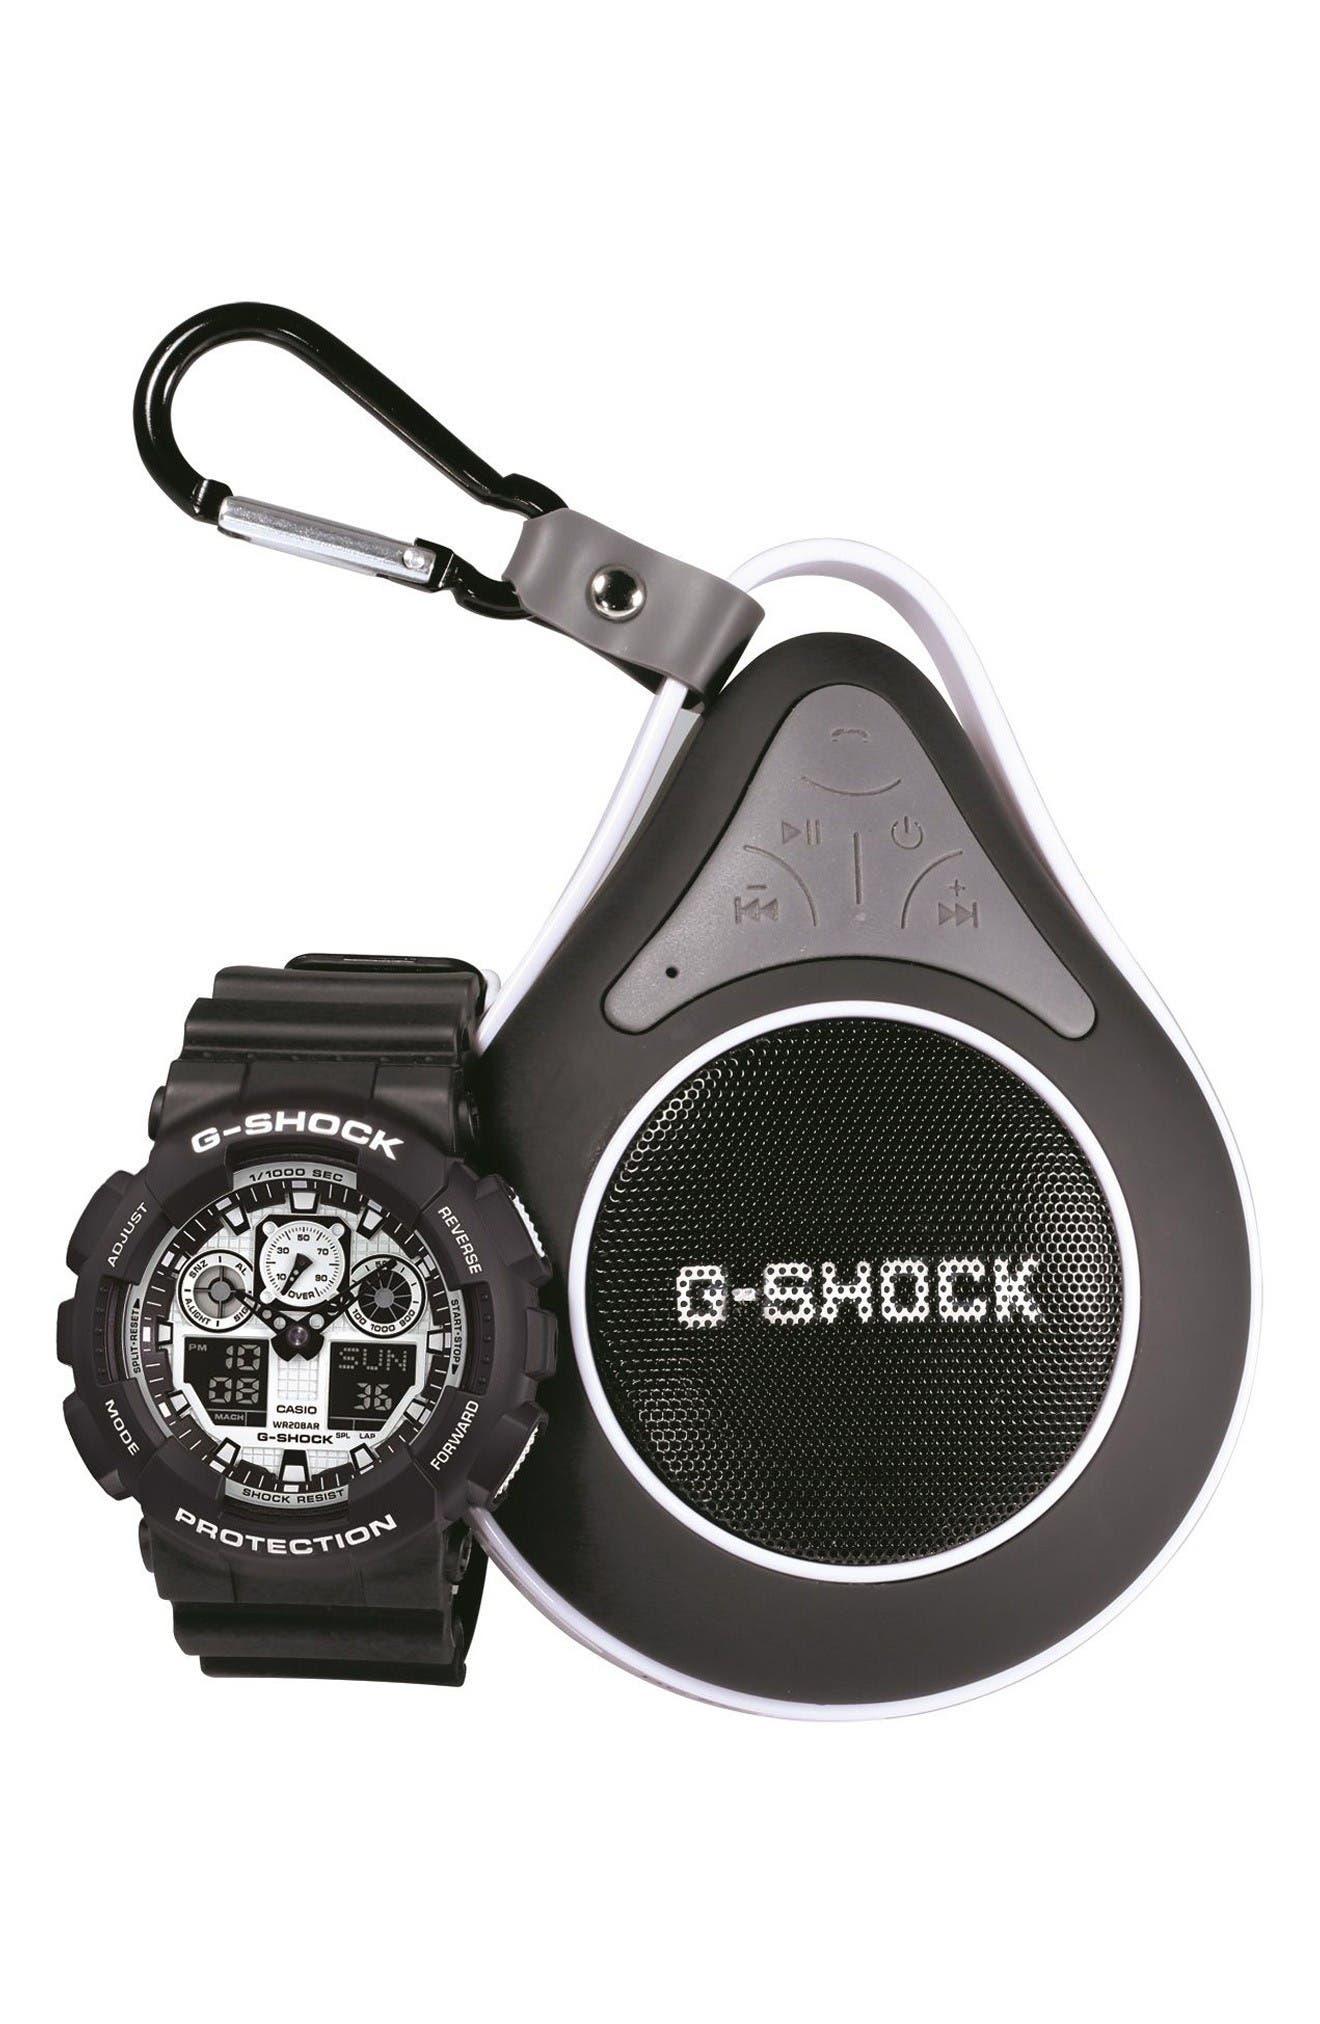 G-Shock Ana-Digi Watch & Speaker Set, 55mm